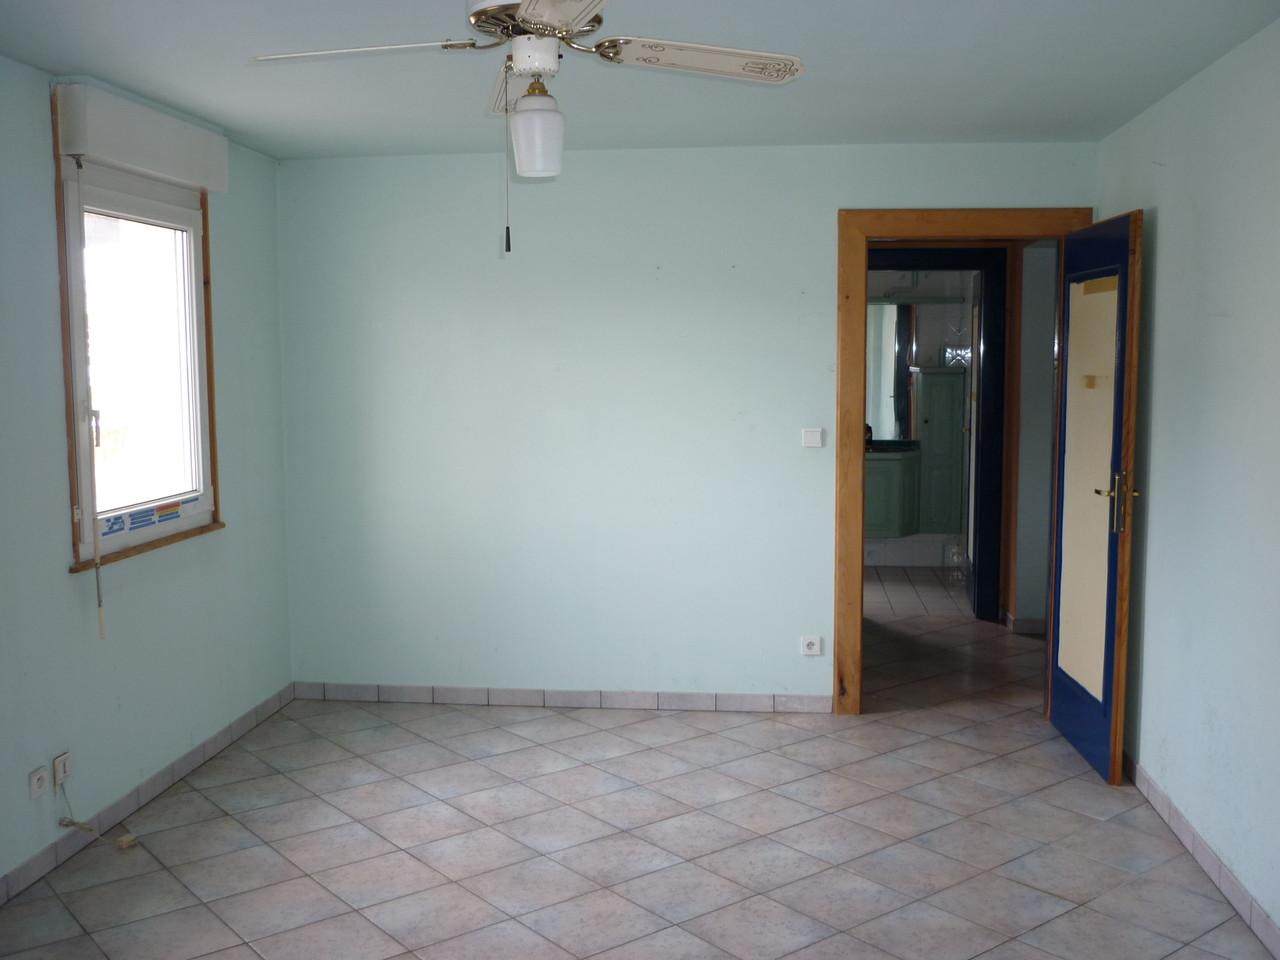 débarras d'une maison à Villers le lac, doubs, 25, APRÈS INTERVENTION....... entreprise de déblaiement-débarras AHLEN